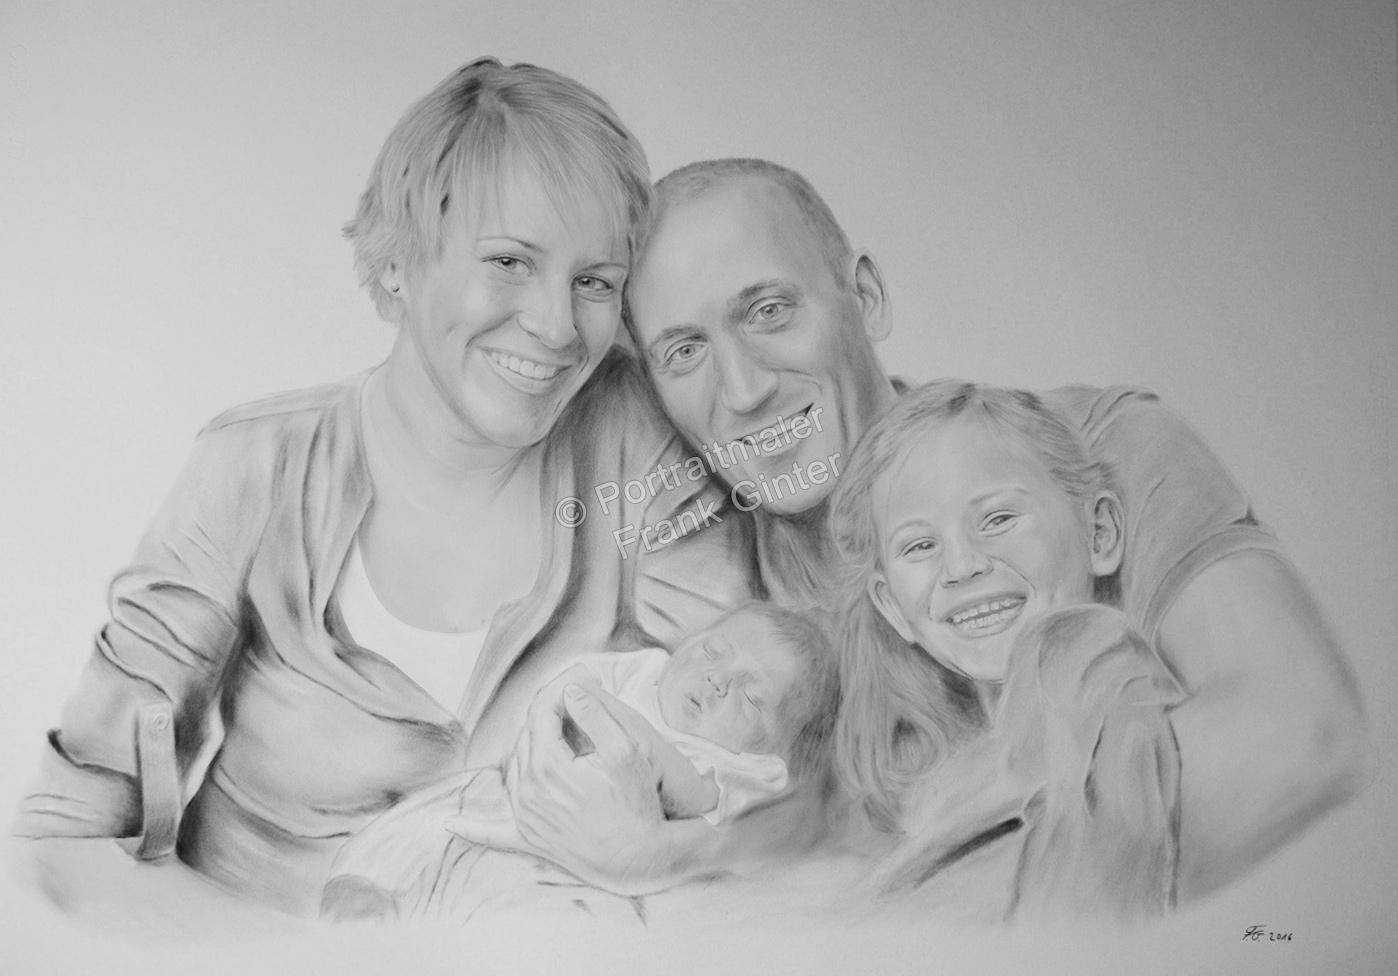 Ölgemälde Dry Brush Portraitmalerei, Portraitgemälde, Familienportrait, Portraitmaler, handgemalte Familienportraits